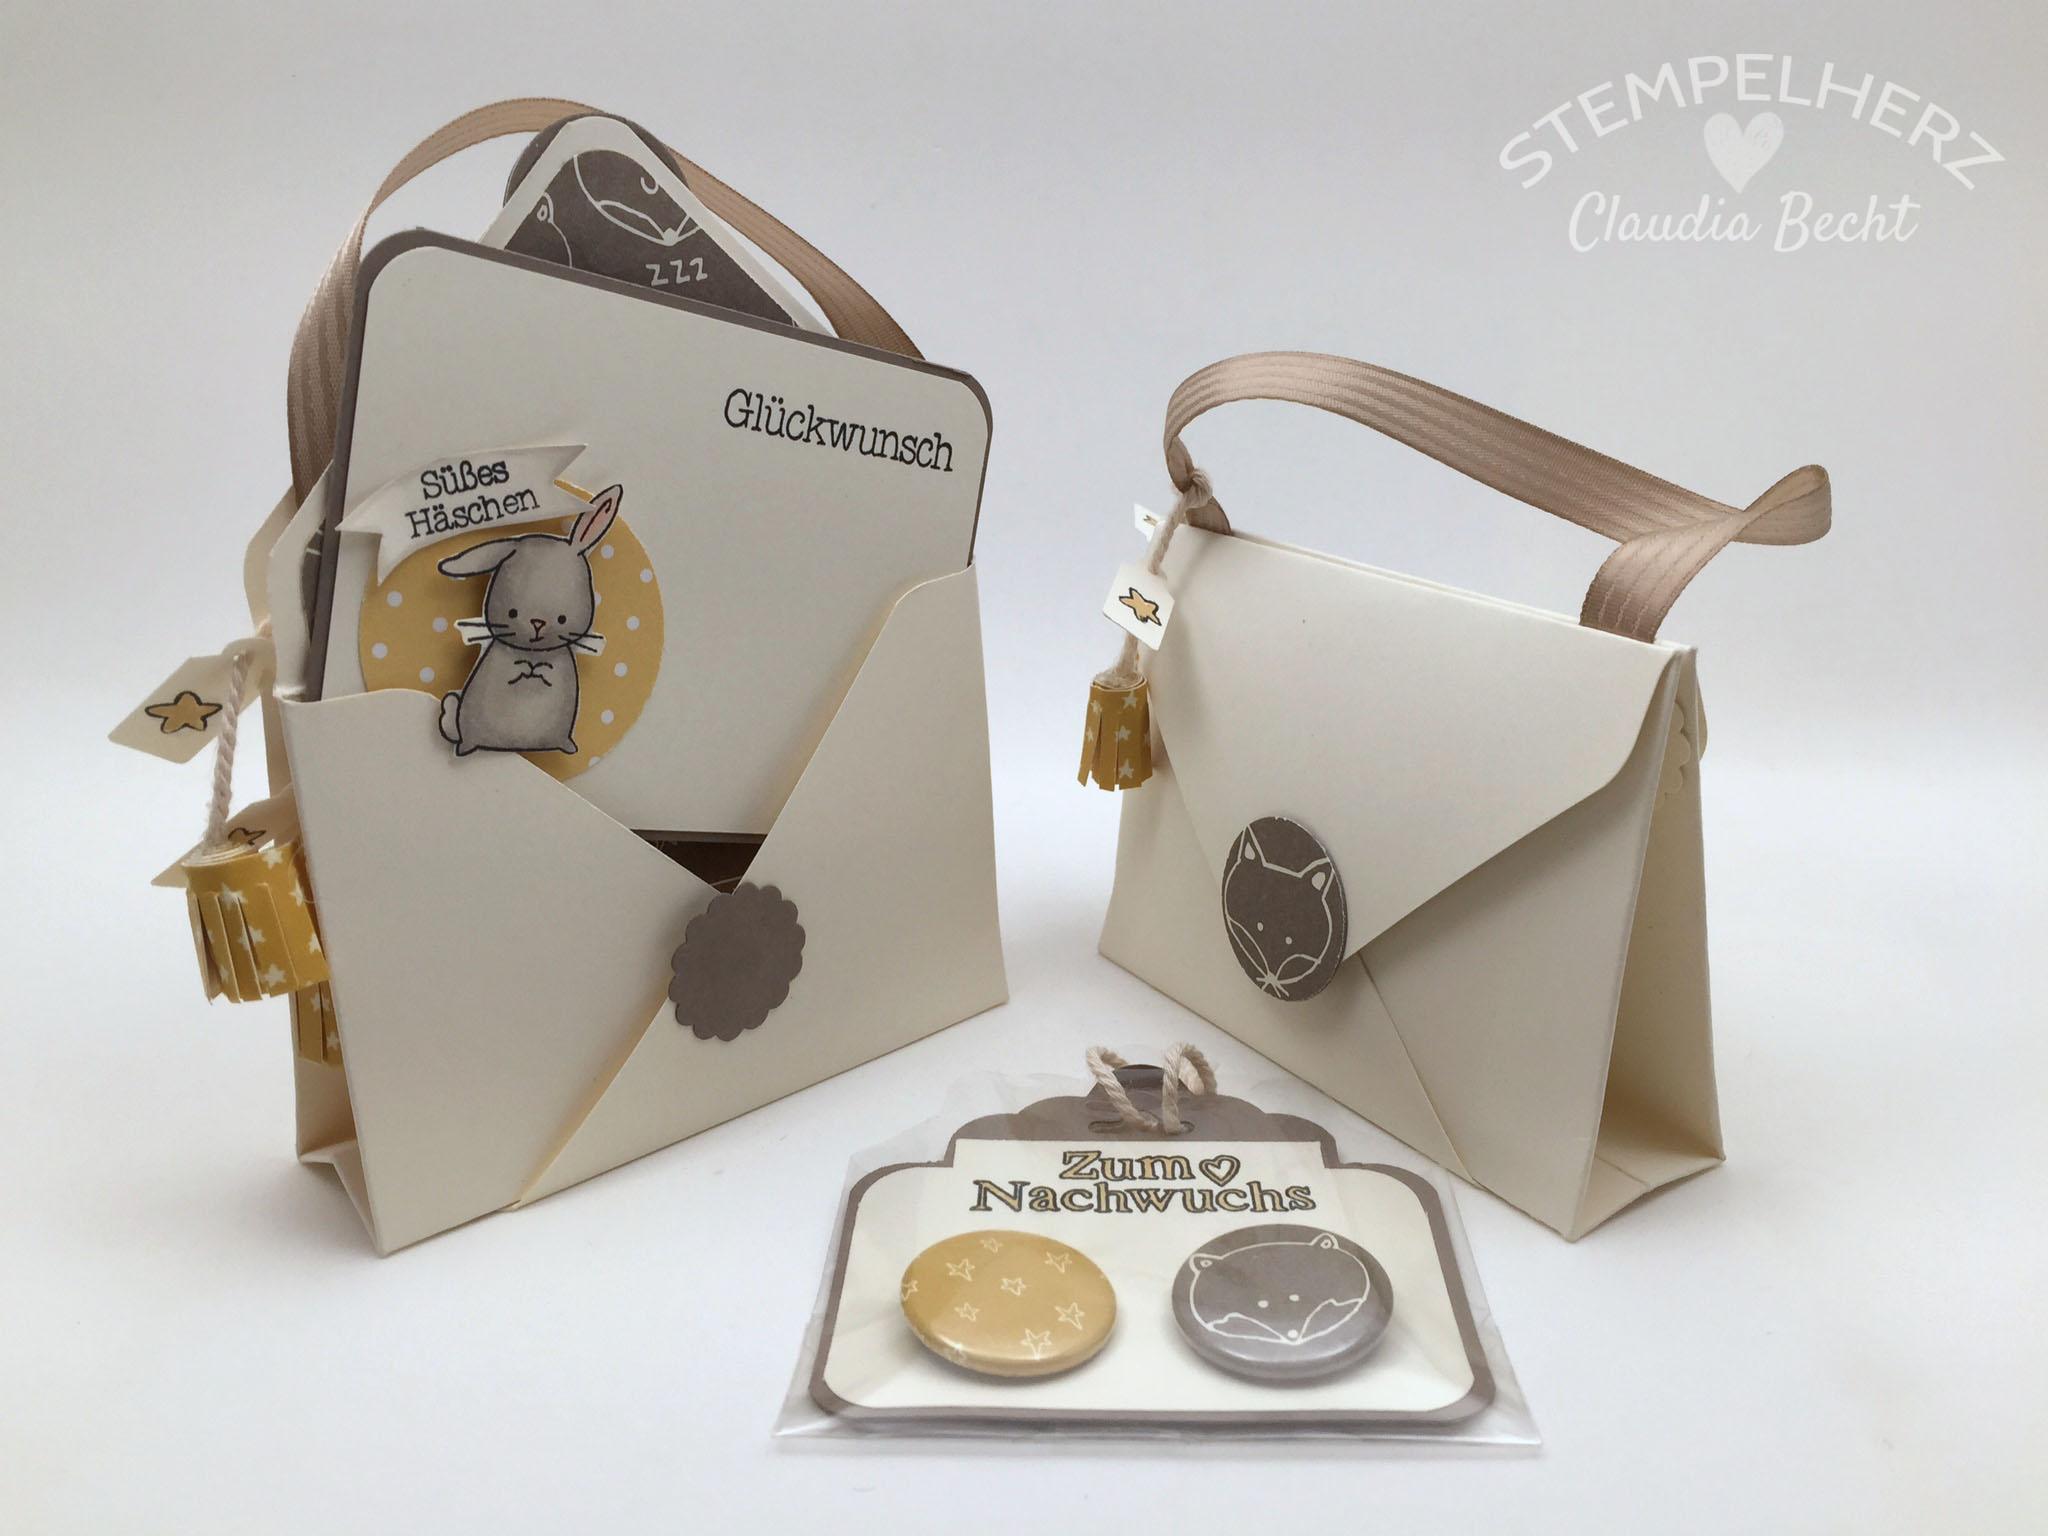 Stampin Up-Stempelherz-Double Pocket Card-Babykarte-Geschenkidee Geburt-Zum Nachwuchs-Double Pocket Card Zum Nachwuchs 02b